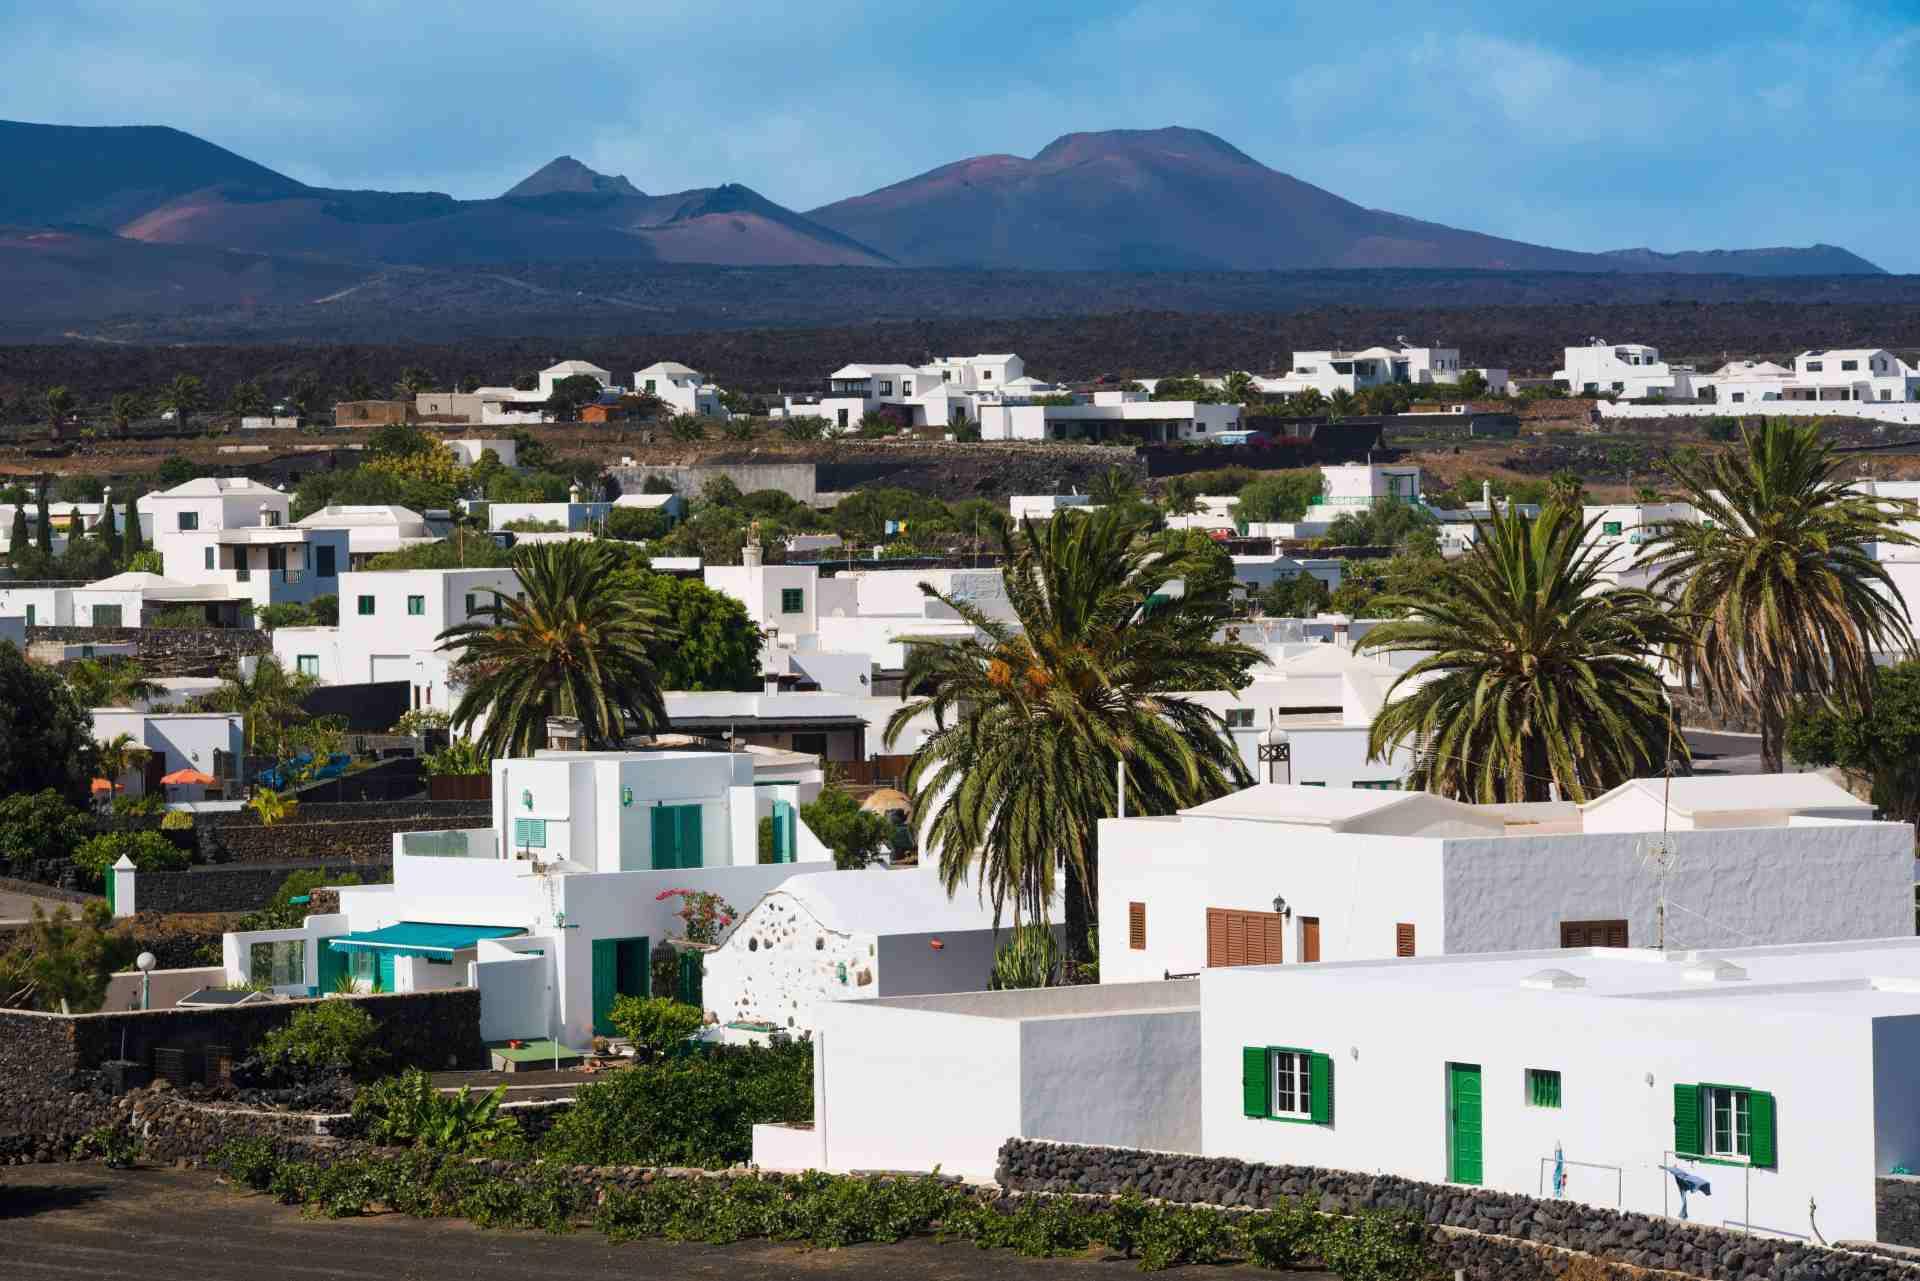 Yaiza schönstes Dorf auf Lanzarote